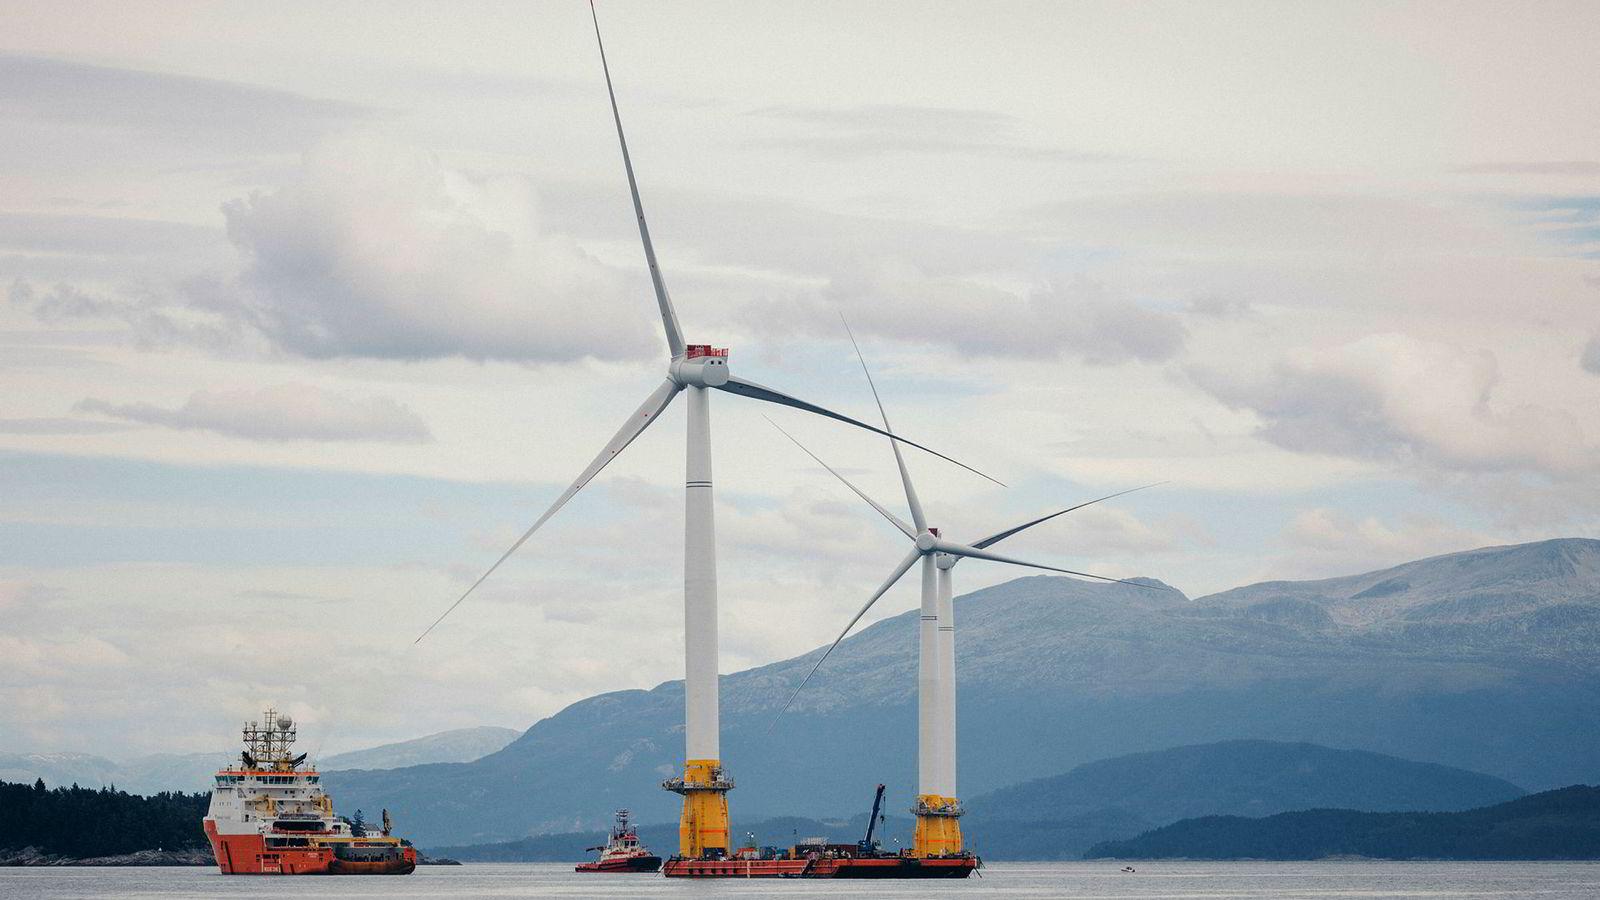 Mangel på kapital er en årsak til at det ikke blir satset nok på nye industrielle muligheter i Norge. Her bør staten kjenne sin besøkelsestid. Statlige investeringsselskap kan sikre viktig strategisk eierskap til nye store industrisatsinger innenfor bioøkonomi eller havvind skriver artikkelforfatteren.